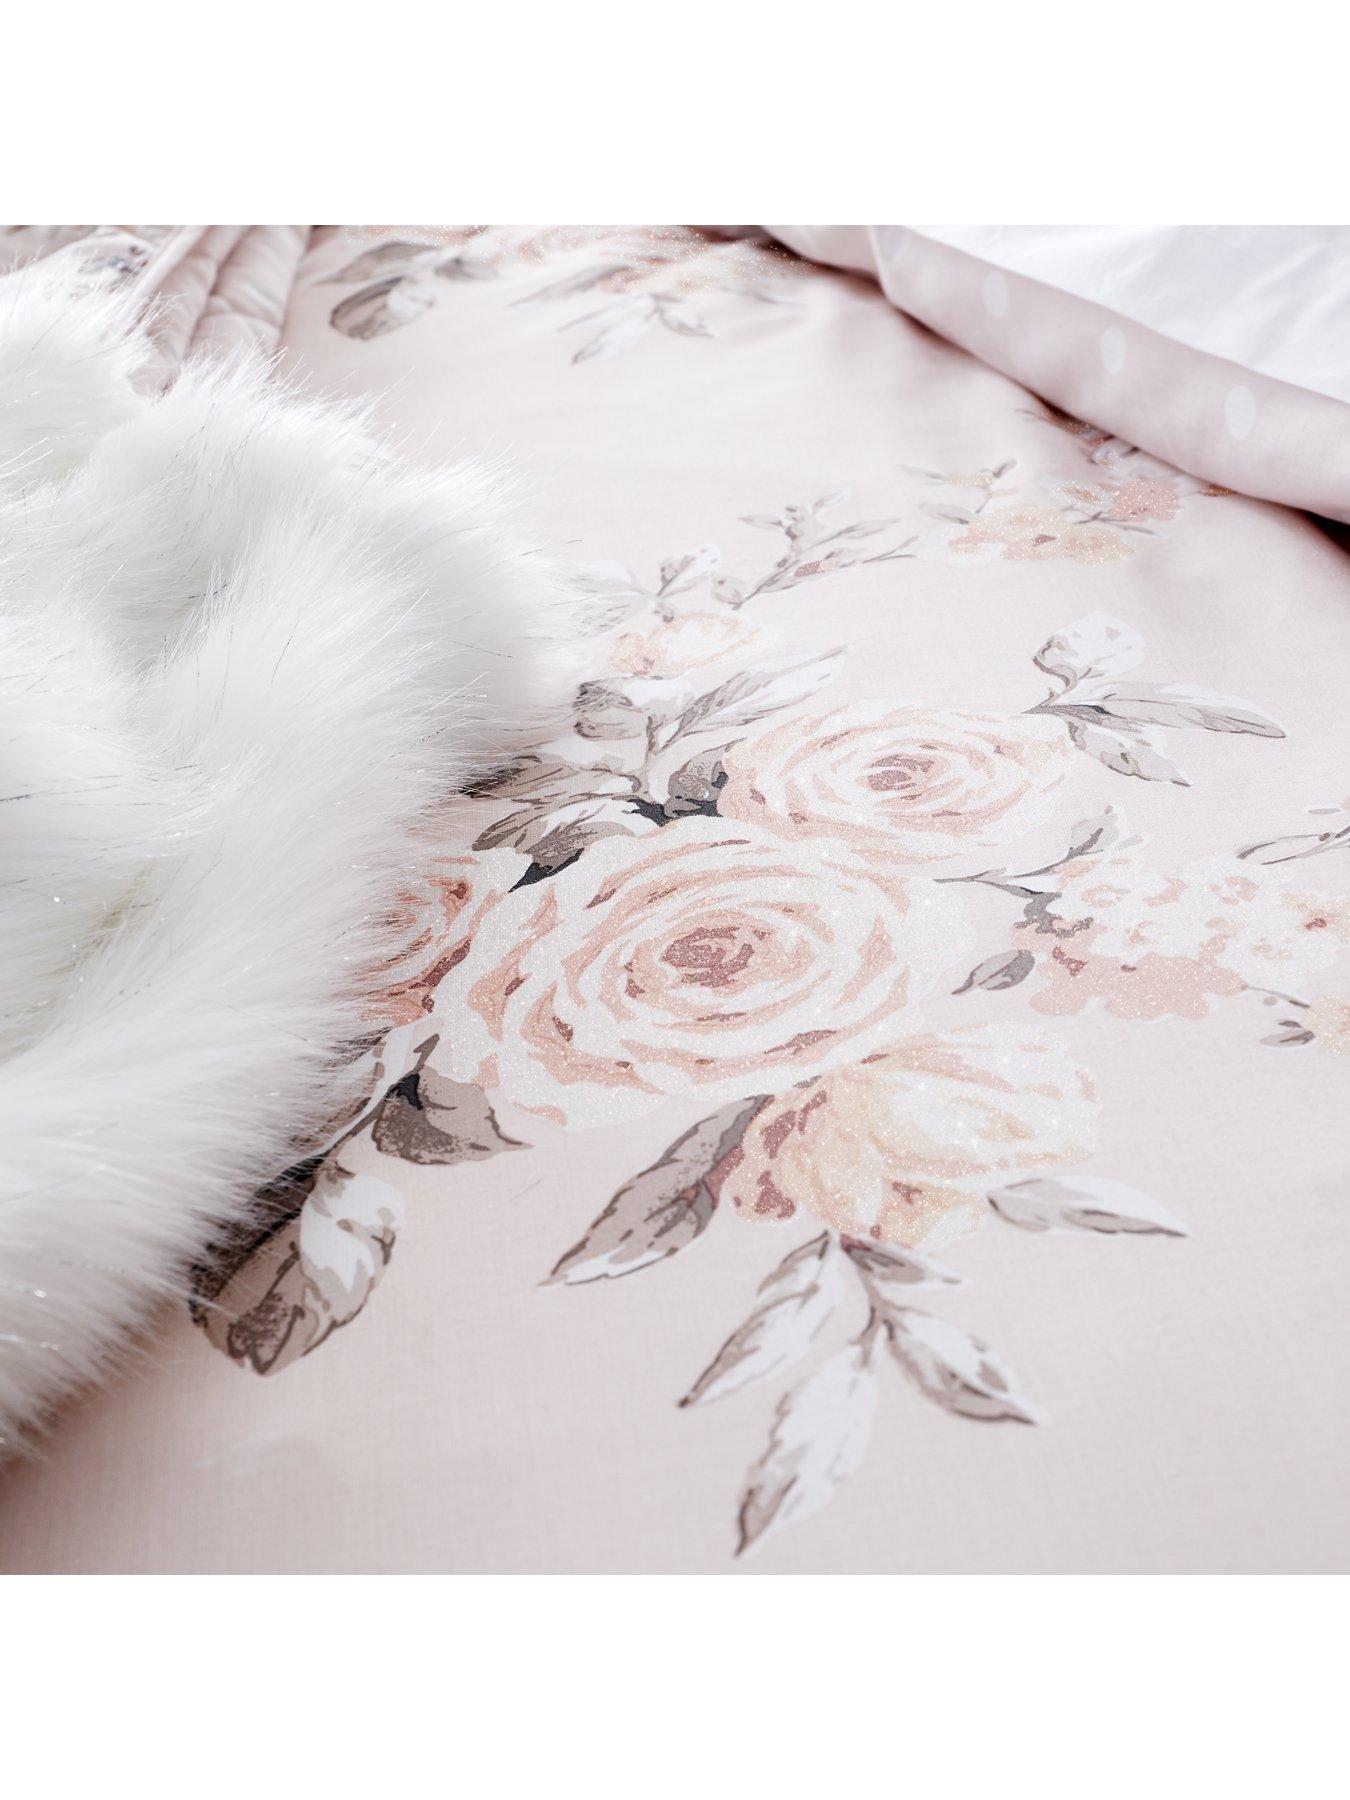 Krepppapier pastell rosa 50cm x 250cm Bastelkrepp Floristenkrepp 0.80 EUR//Meter